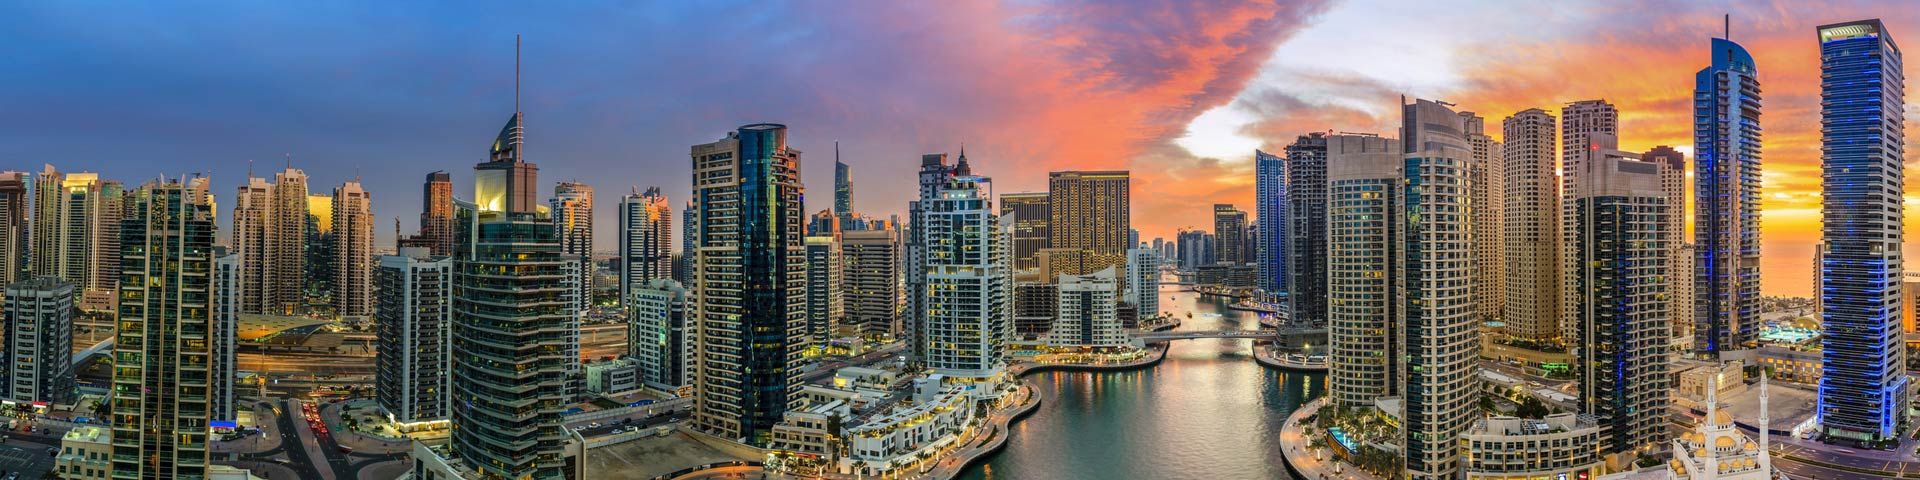 Dubai hero1